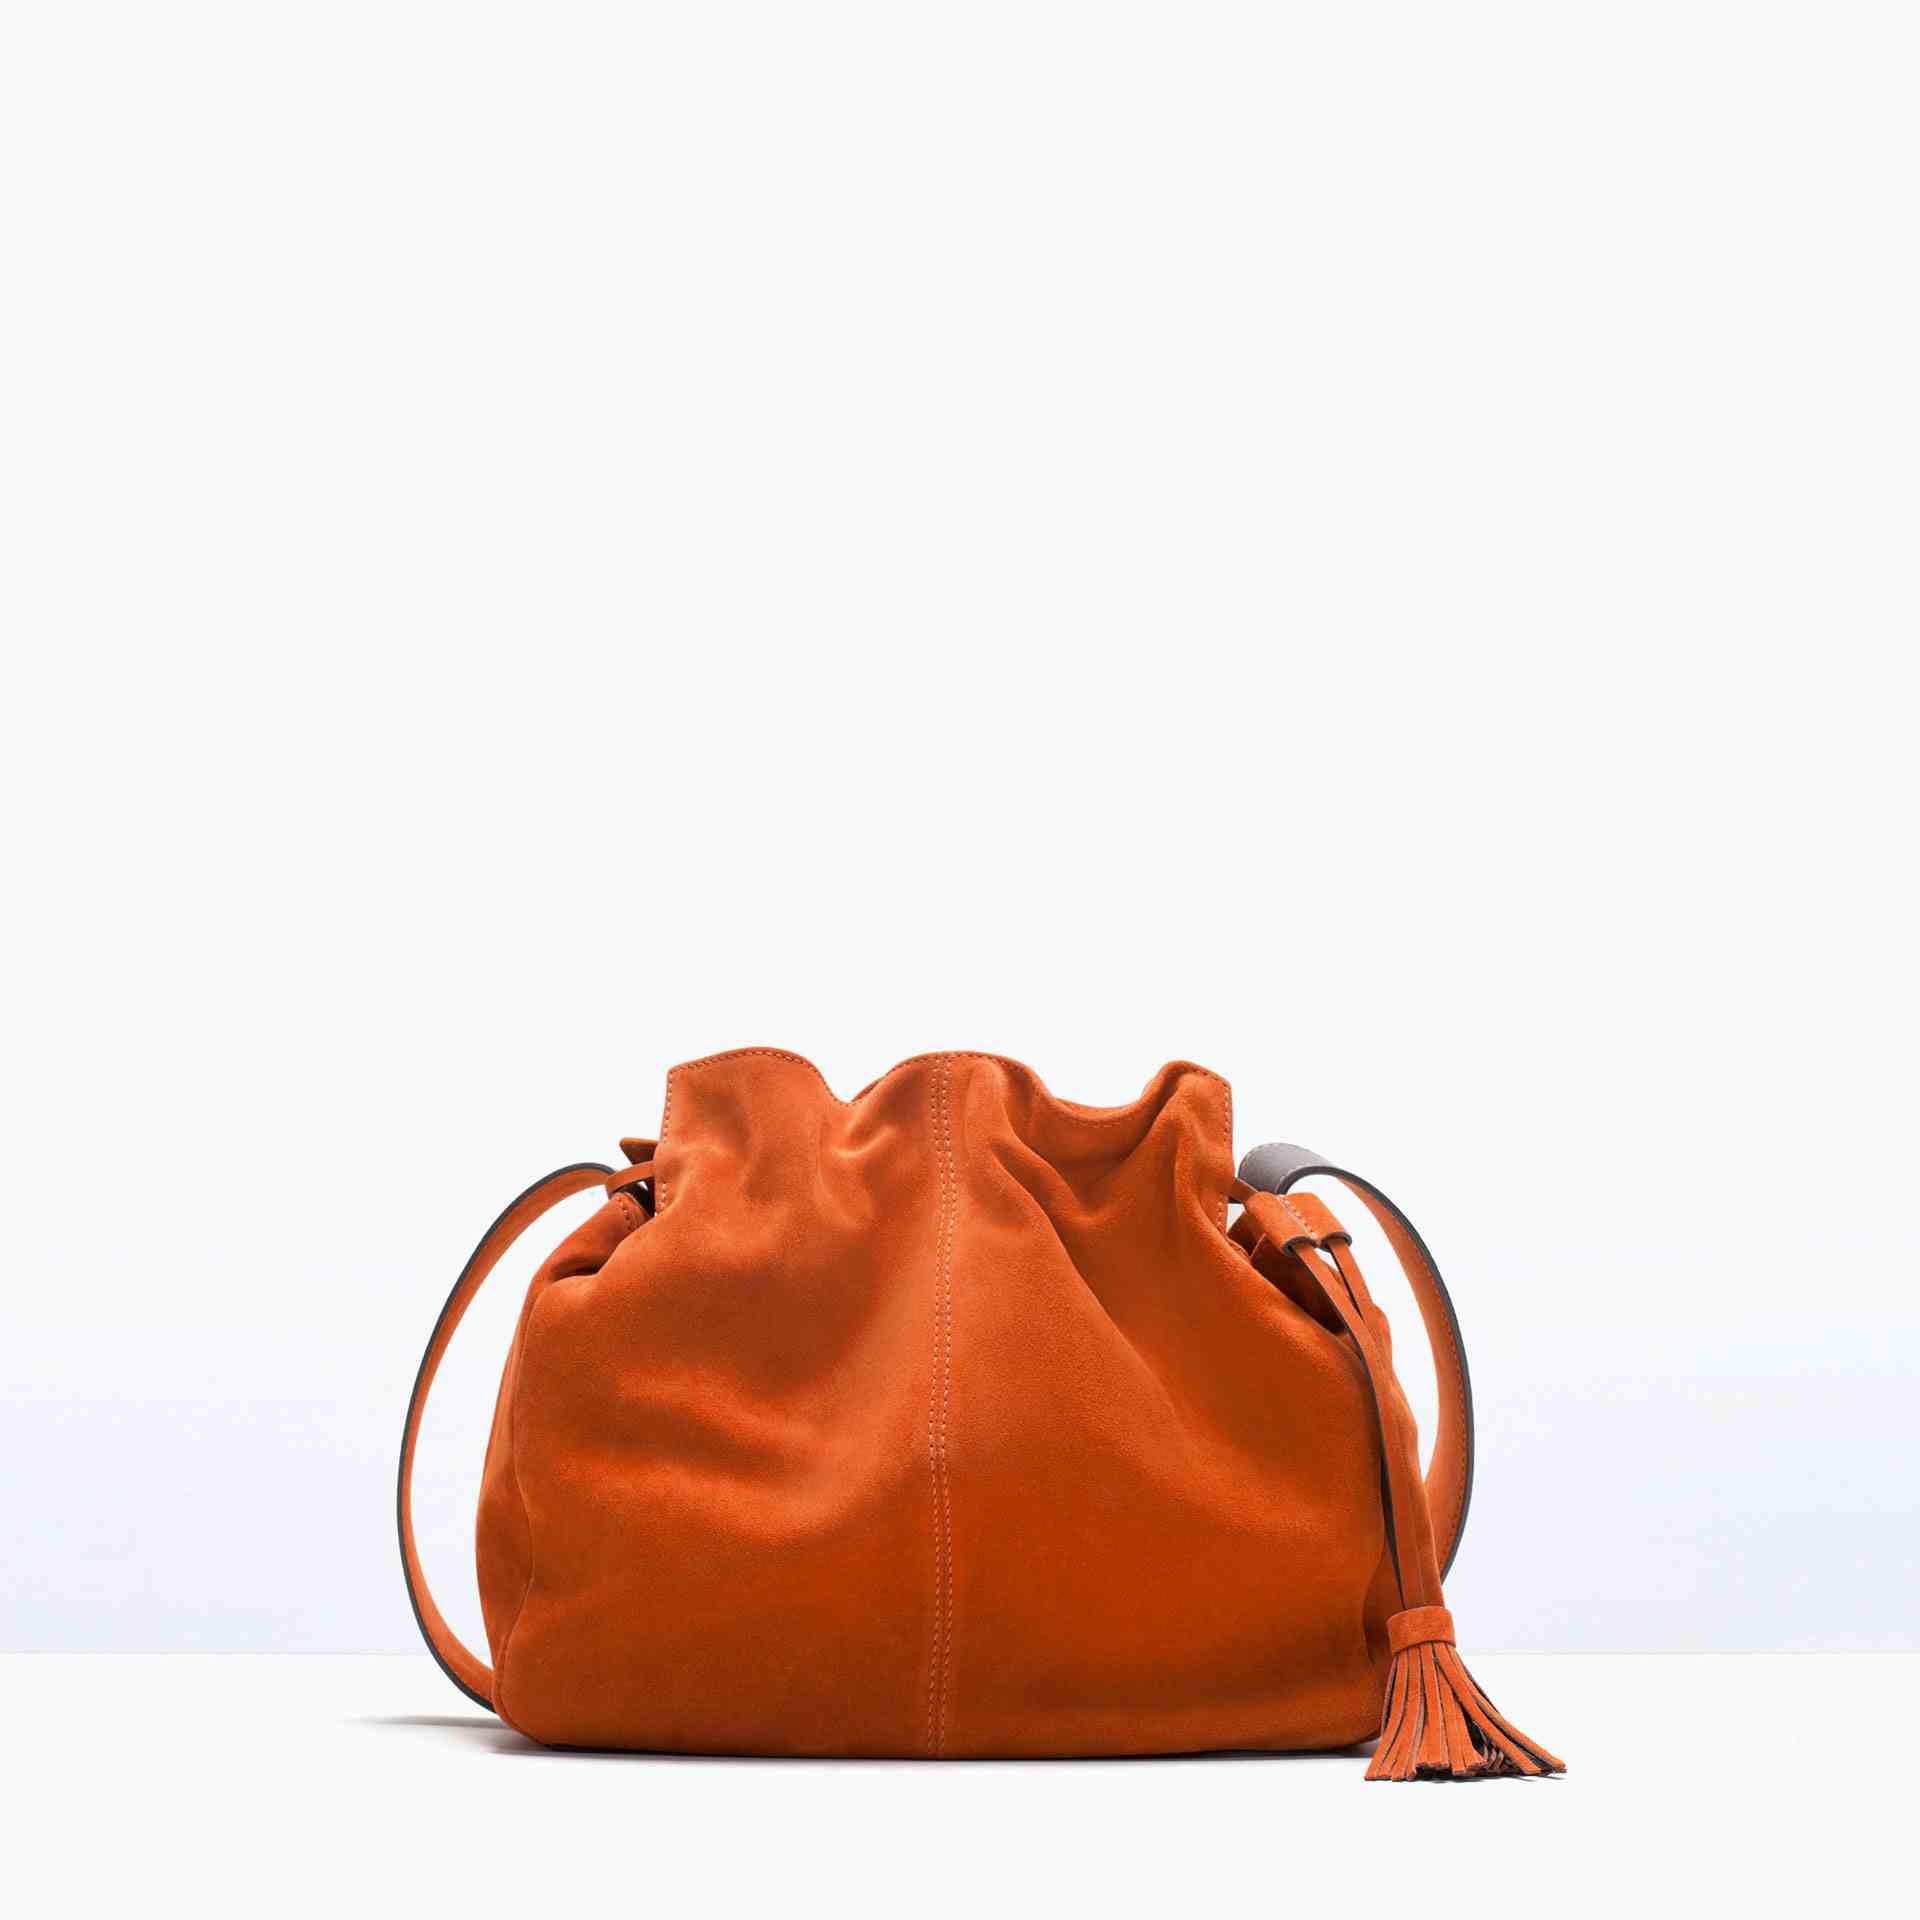 Zara - Sac(70 €)